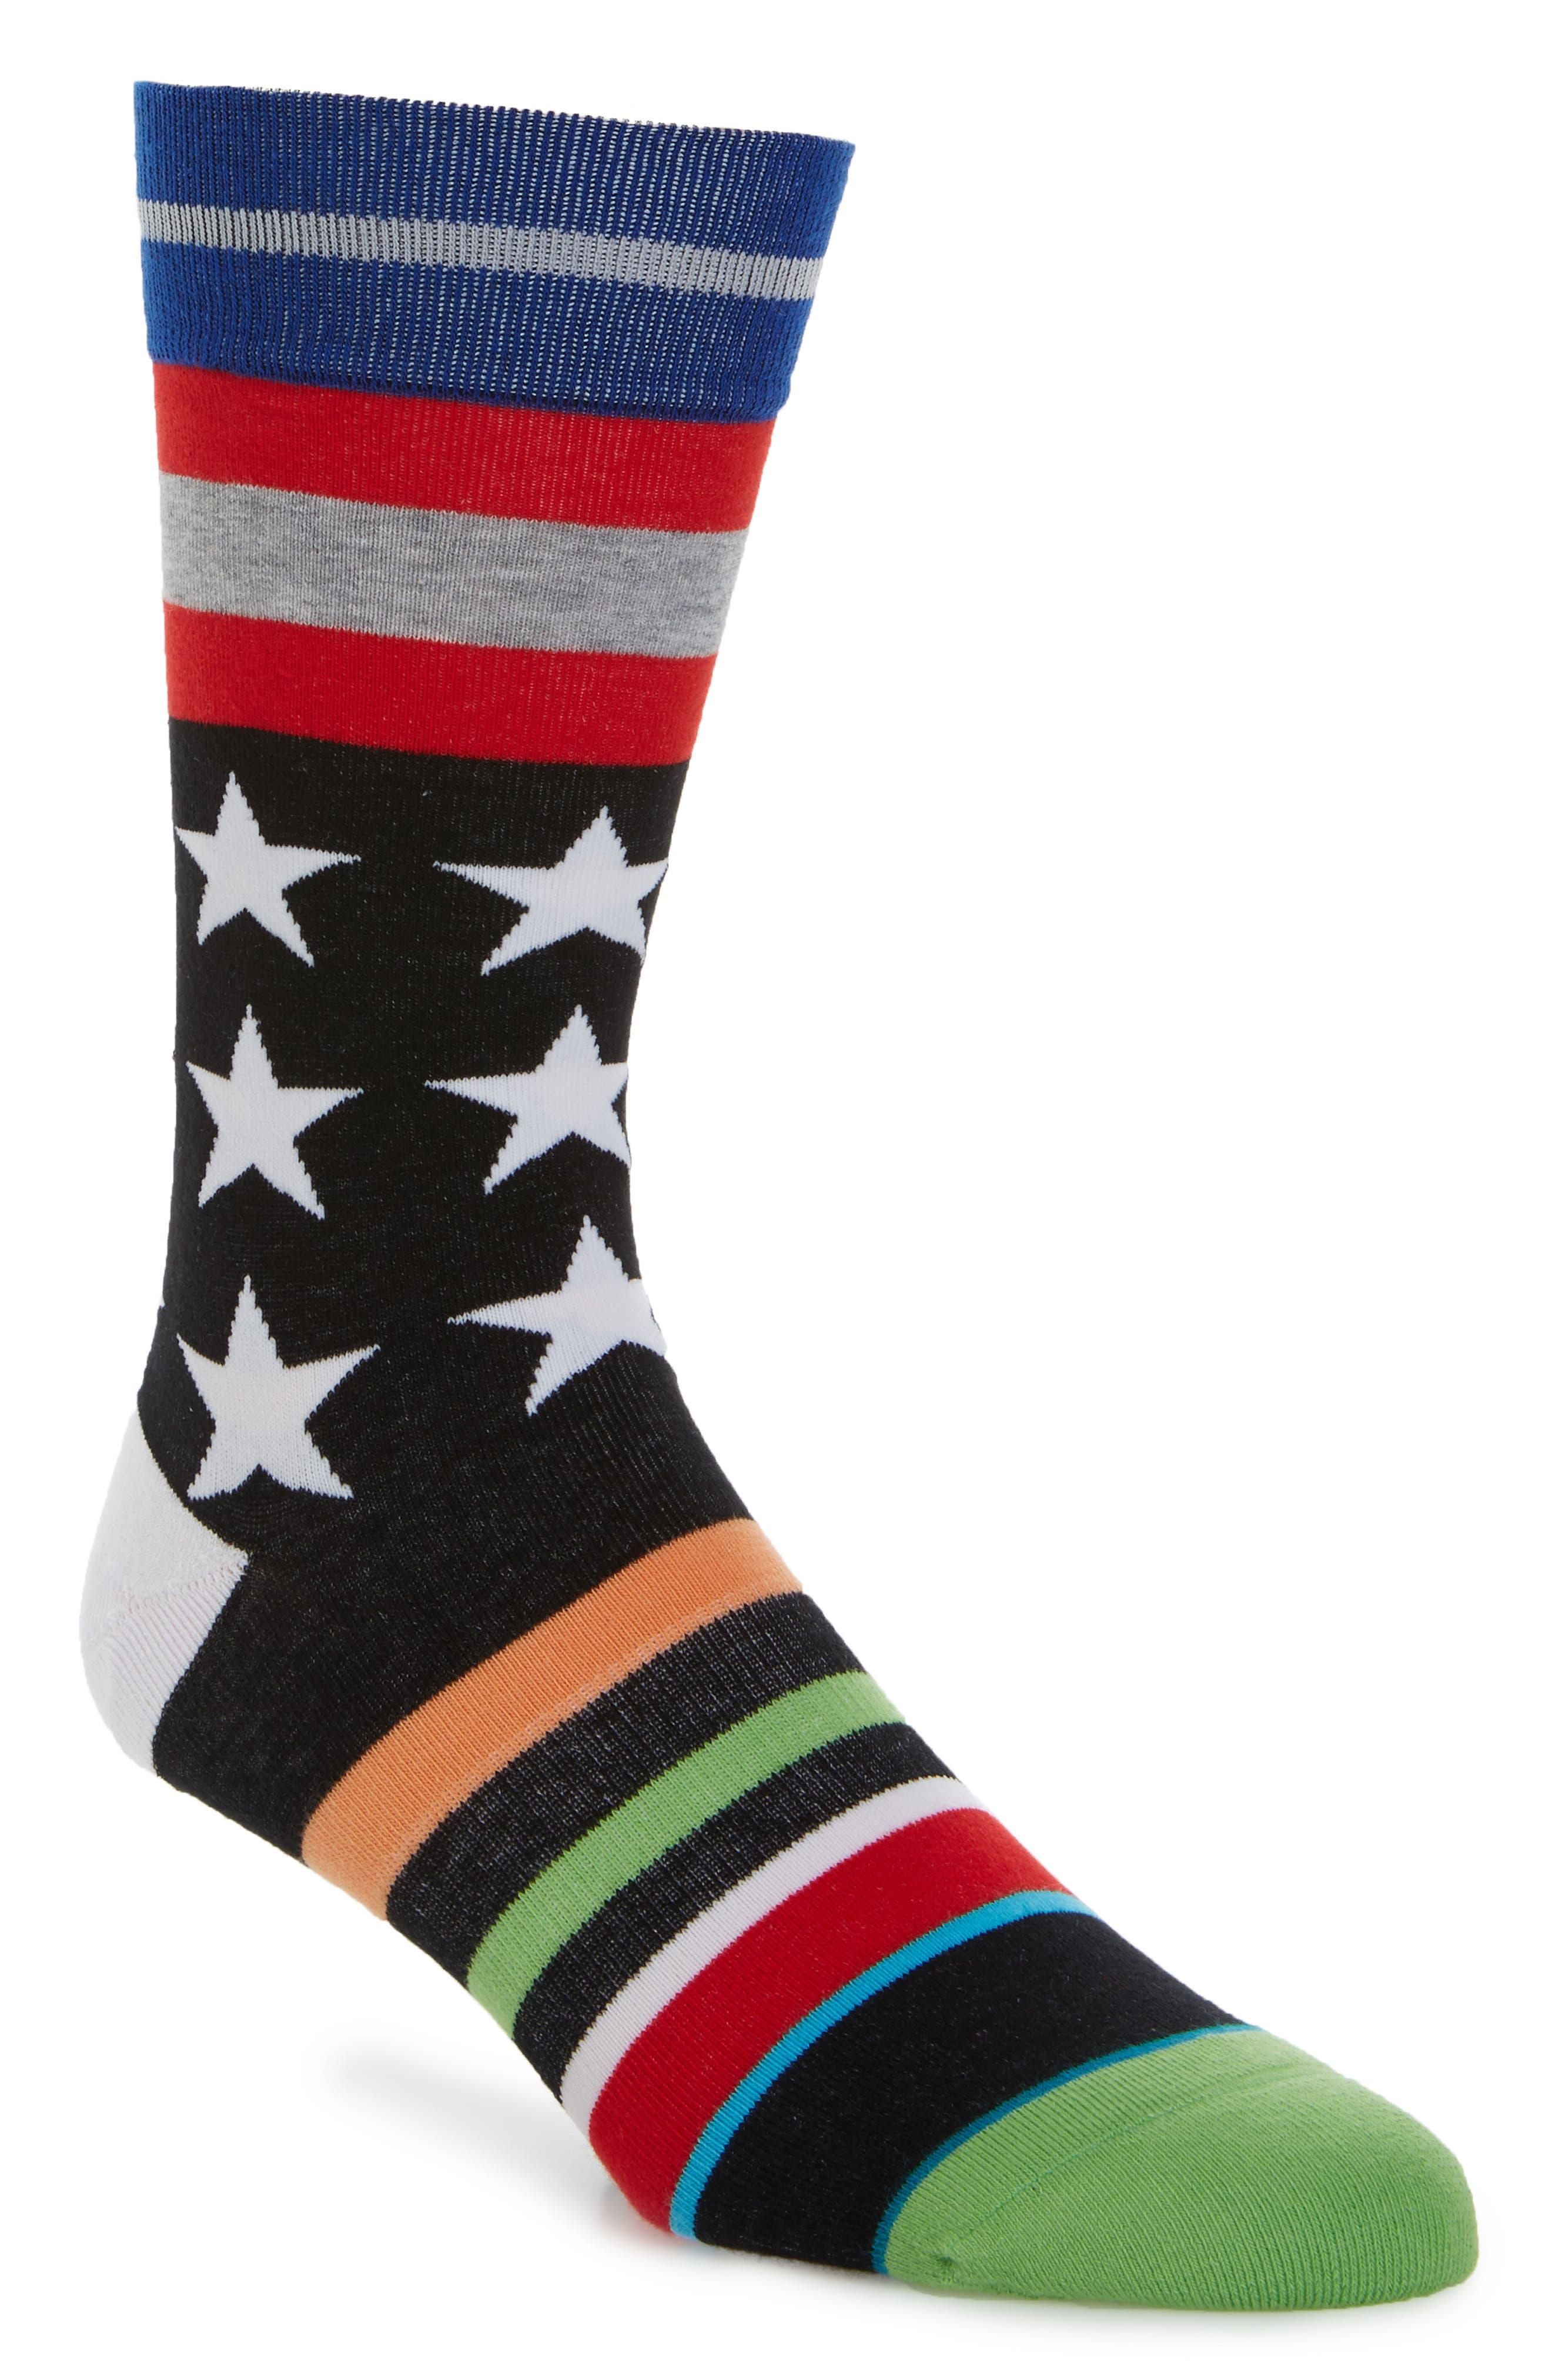 Alternate Image 1 Selected - Stance Harden Salute Socks